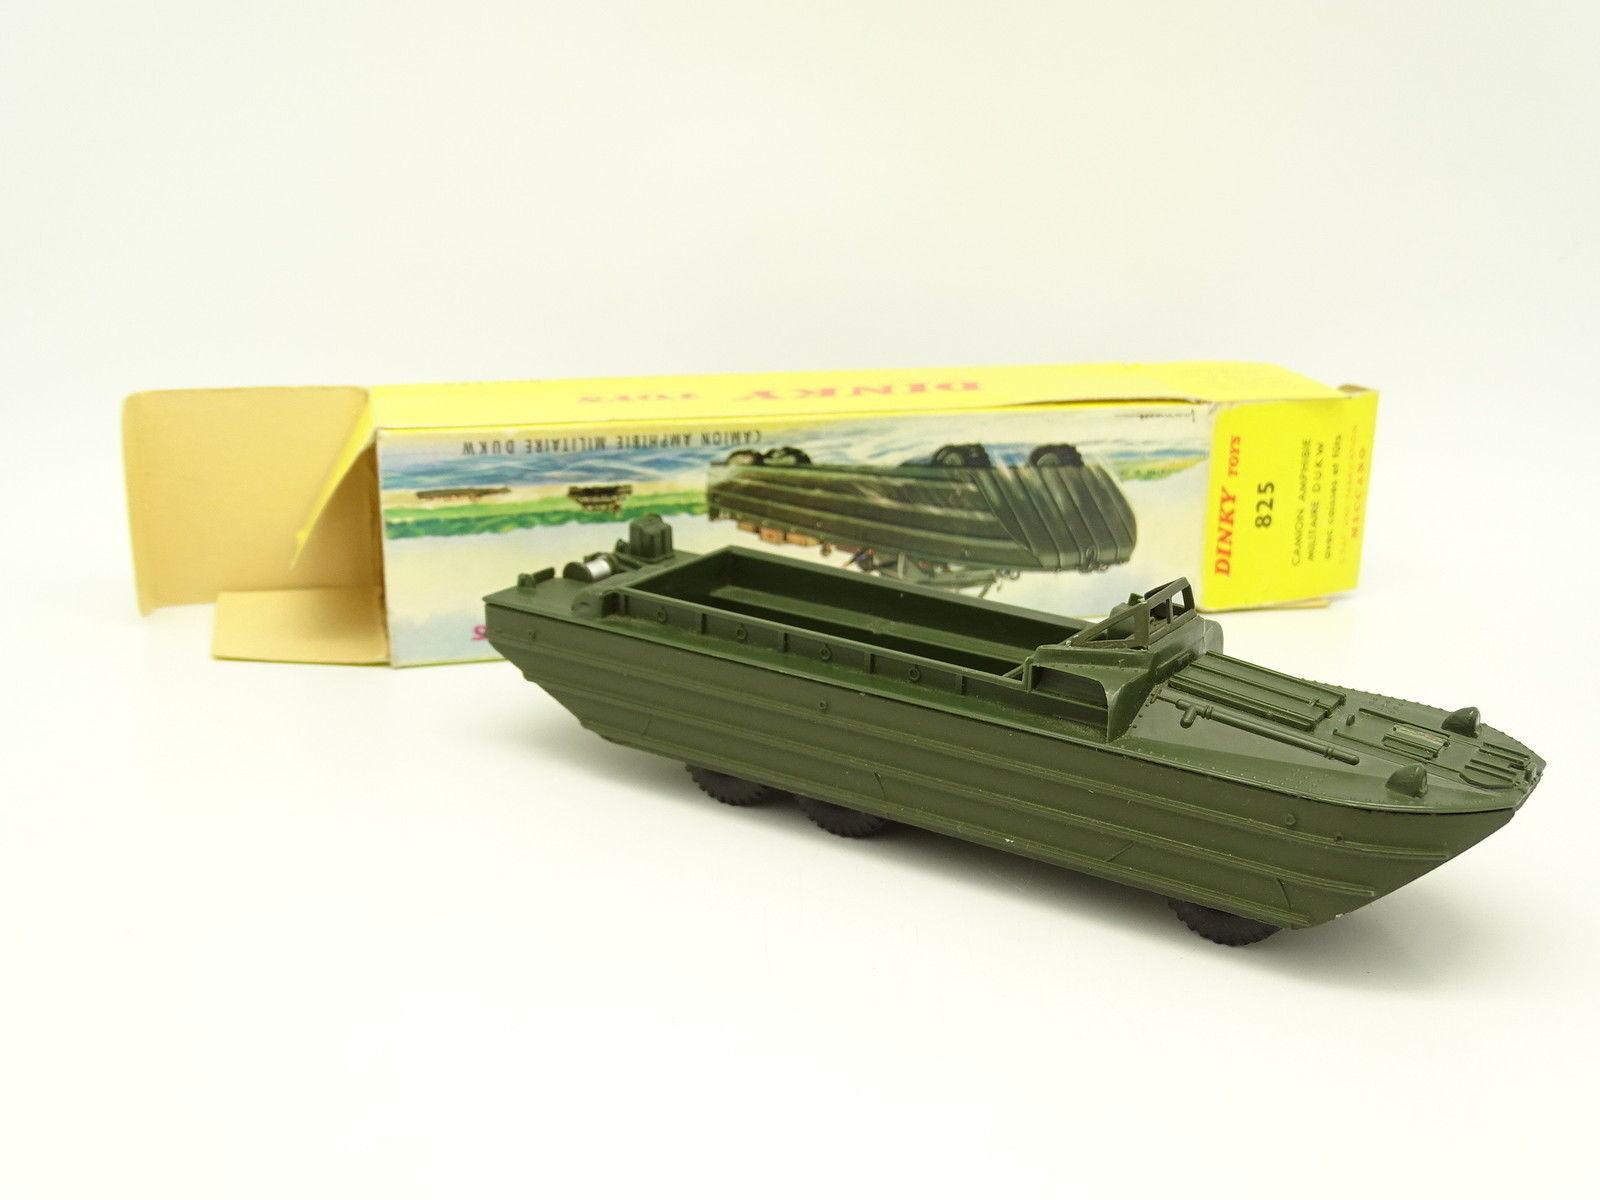 Dinky Spielzeug Frankreich Frankreich Frankreich Militär 1 43 - GMC DUKW Amphibie 825 065075